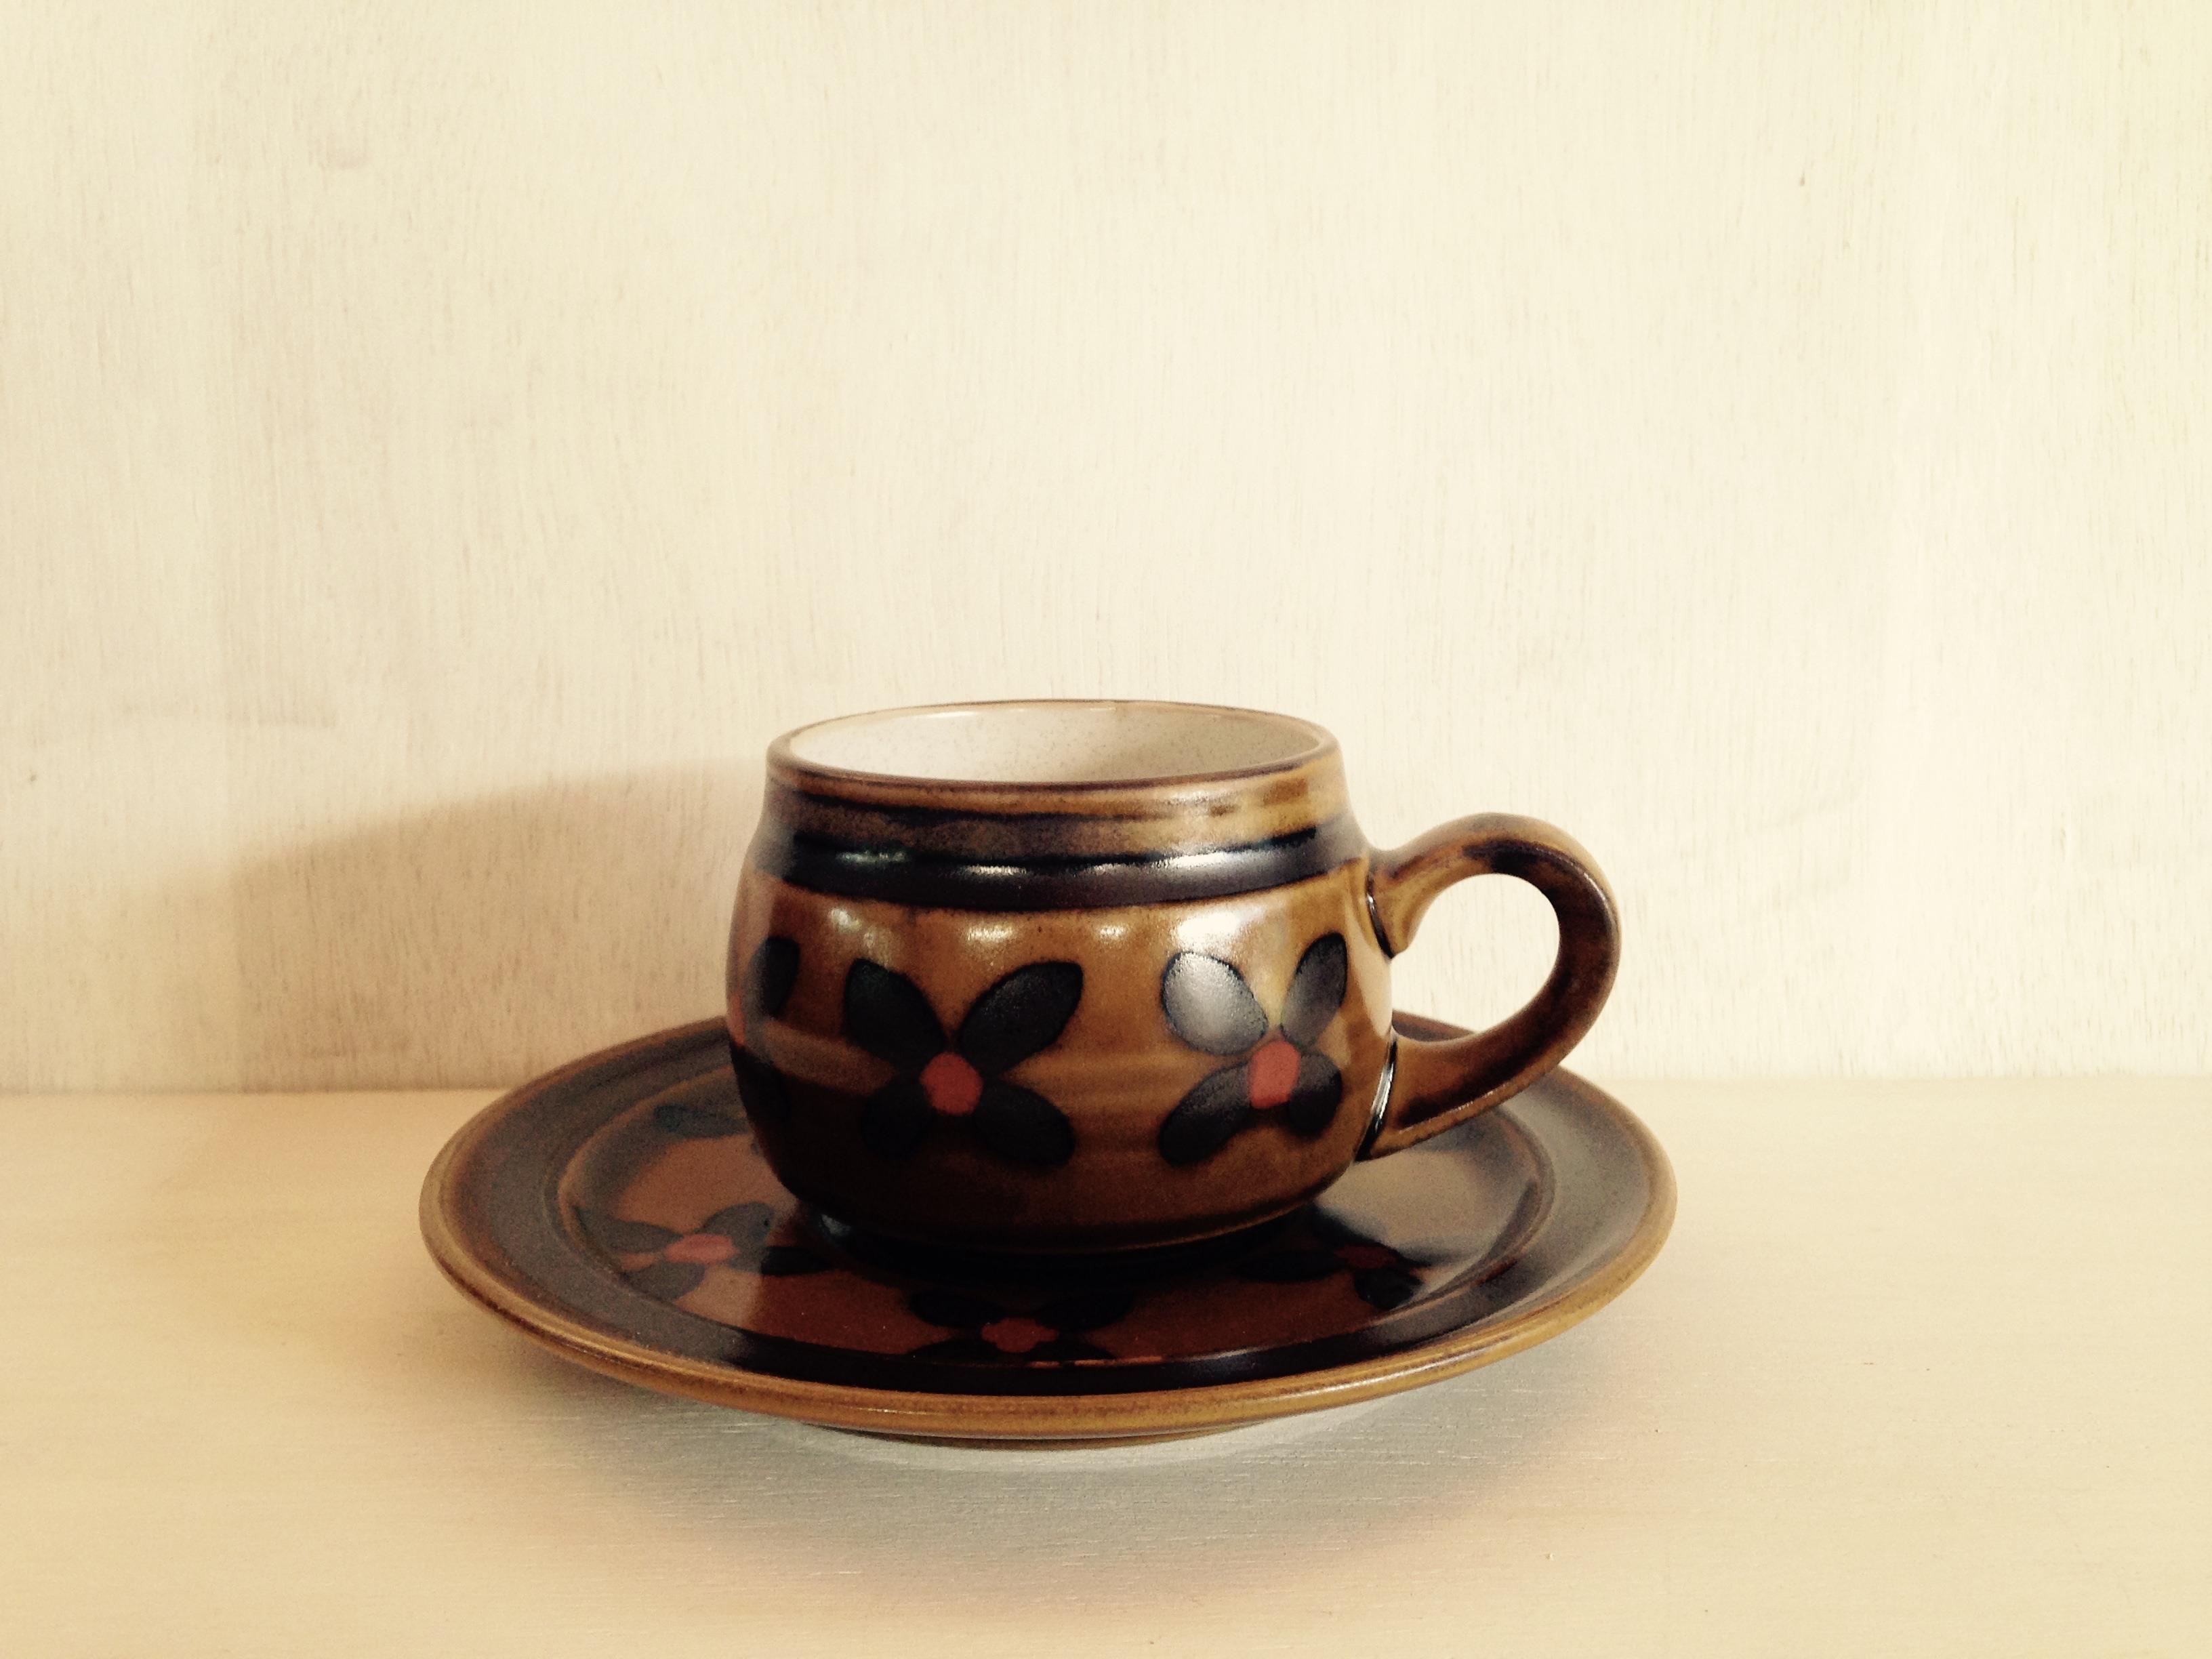 コーヒーカップ Noritake(ノリタケ)フォークストーン